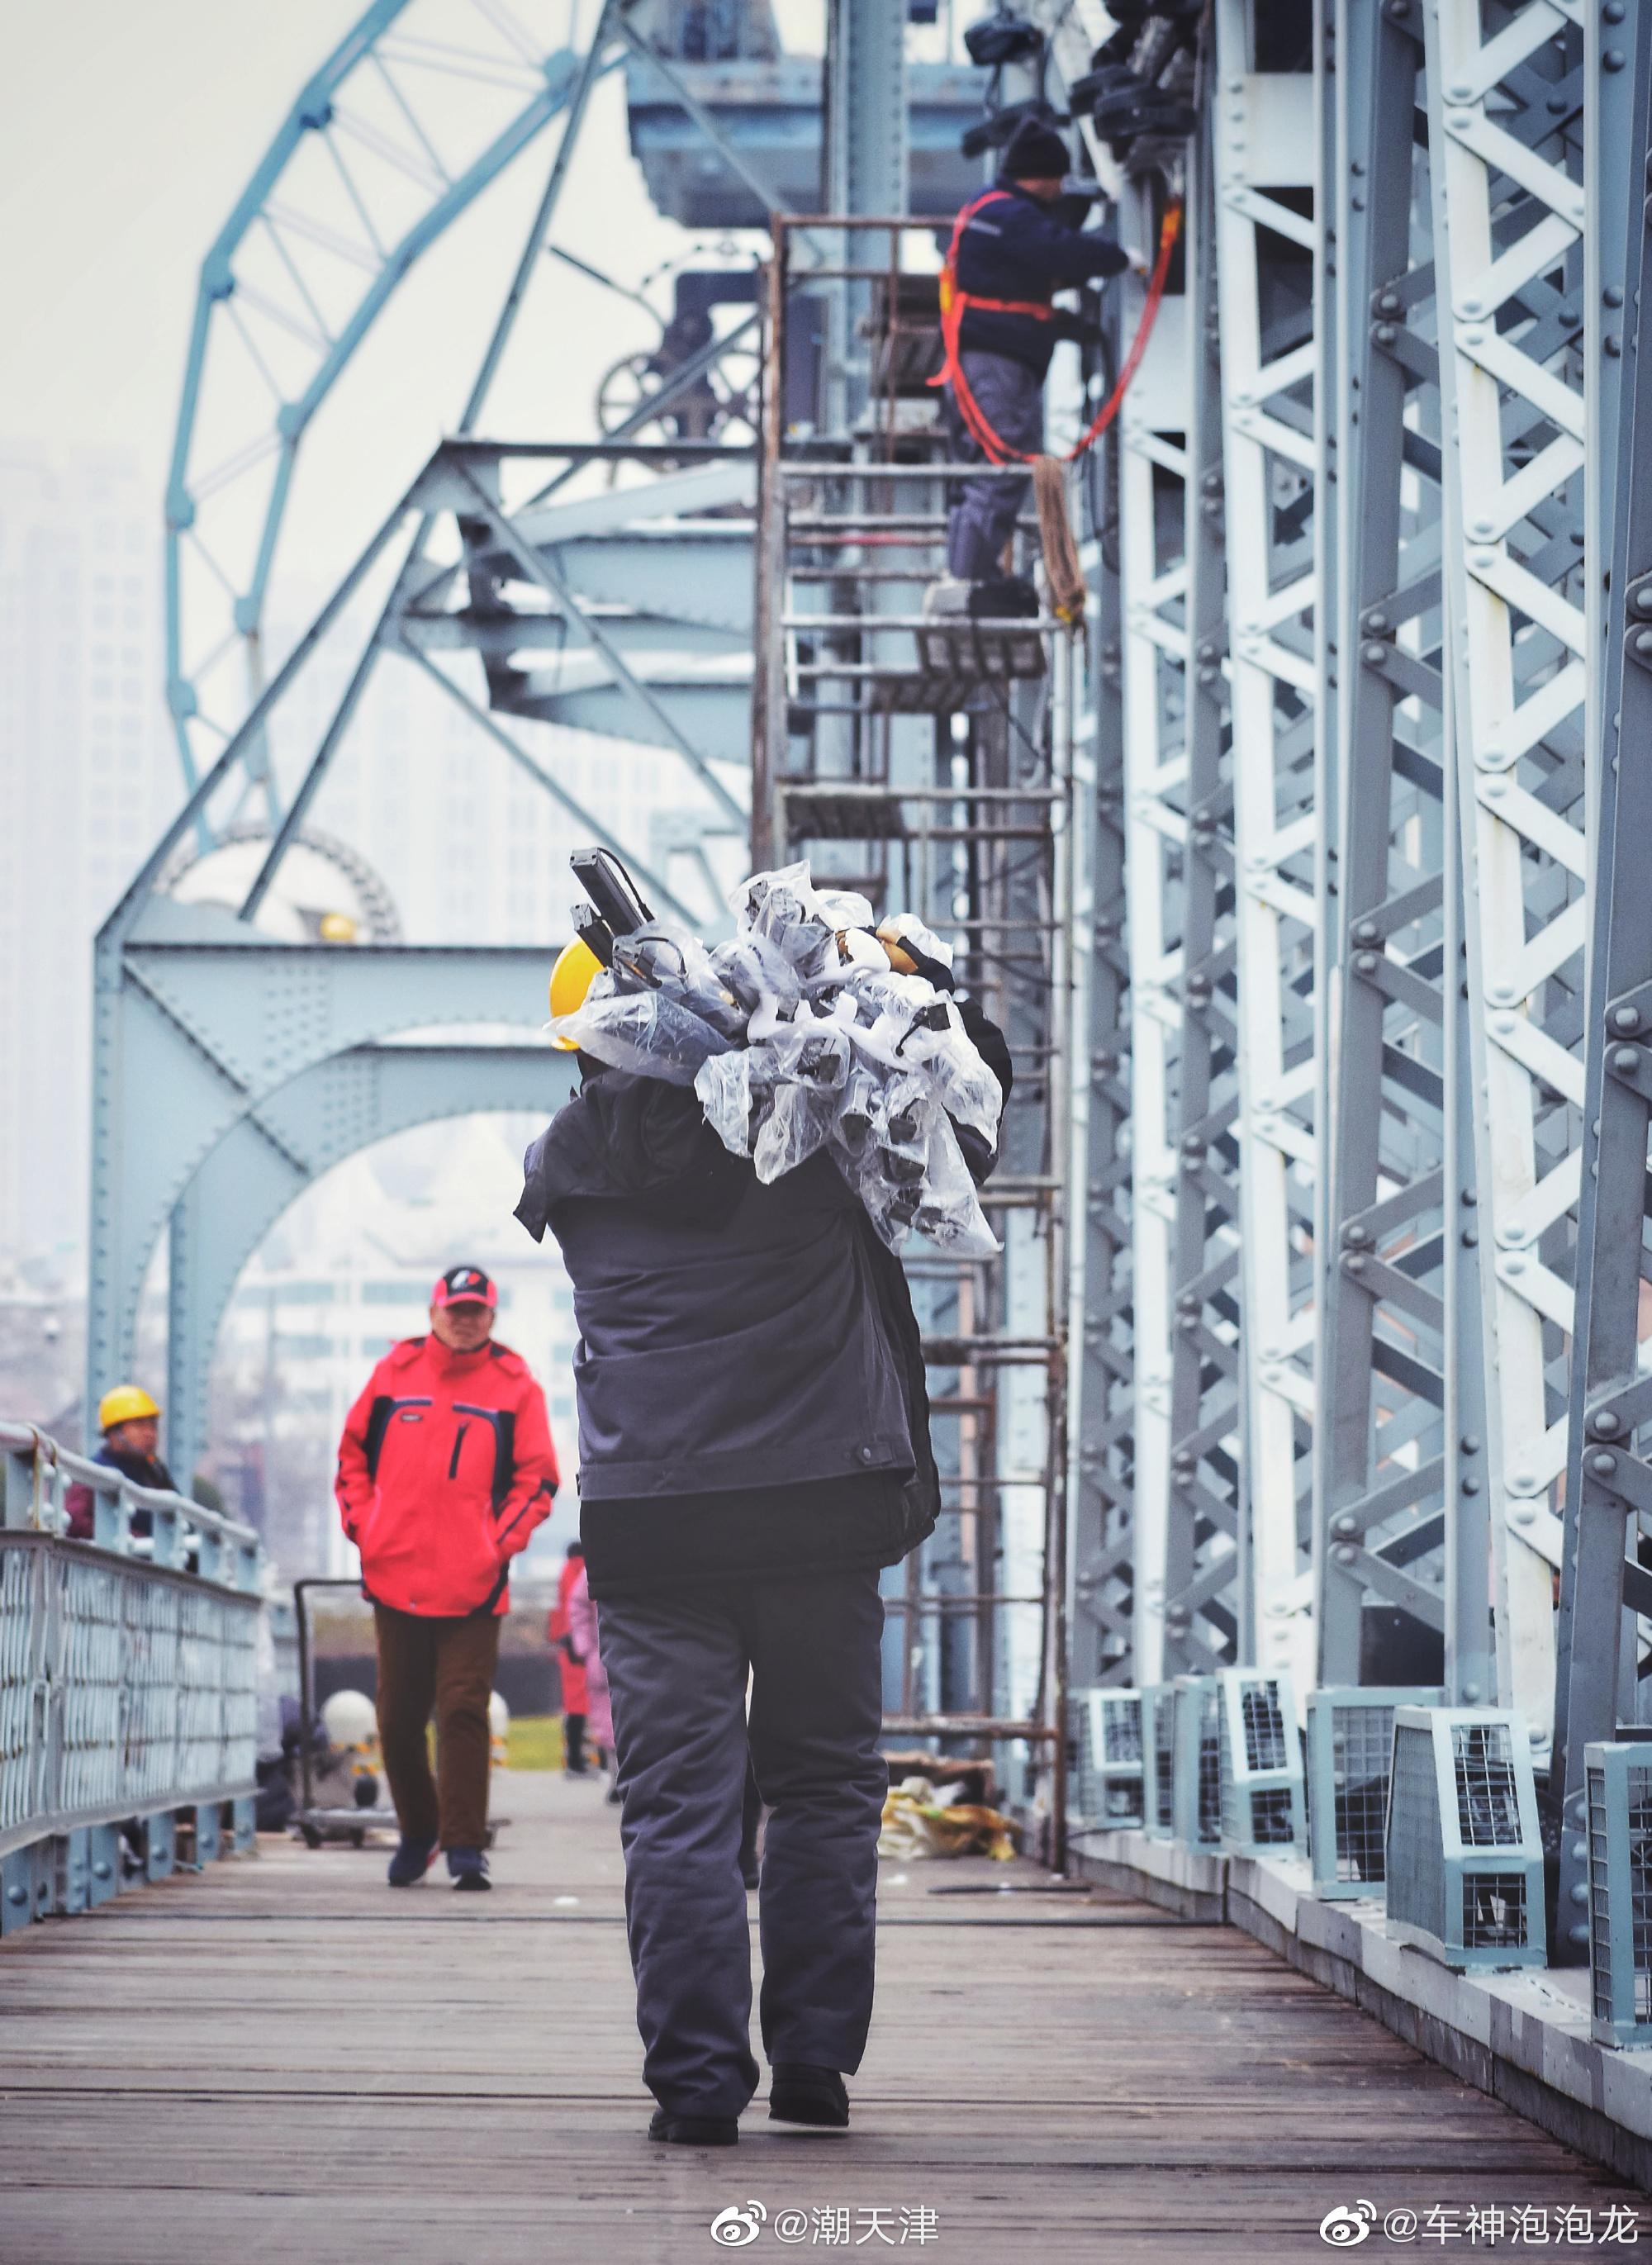 2019年冬至时的天津解放桥(by:@车神泡泡龙 )喜欢第九张